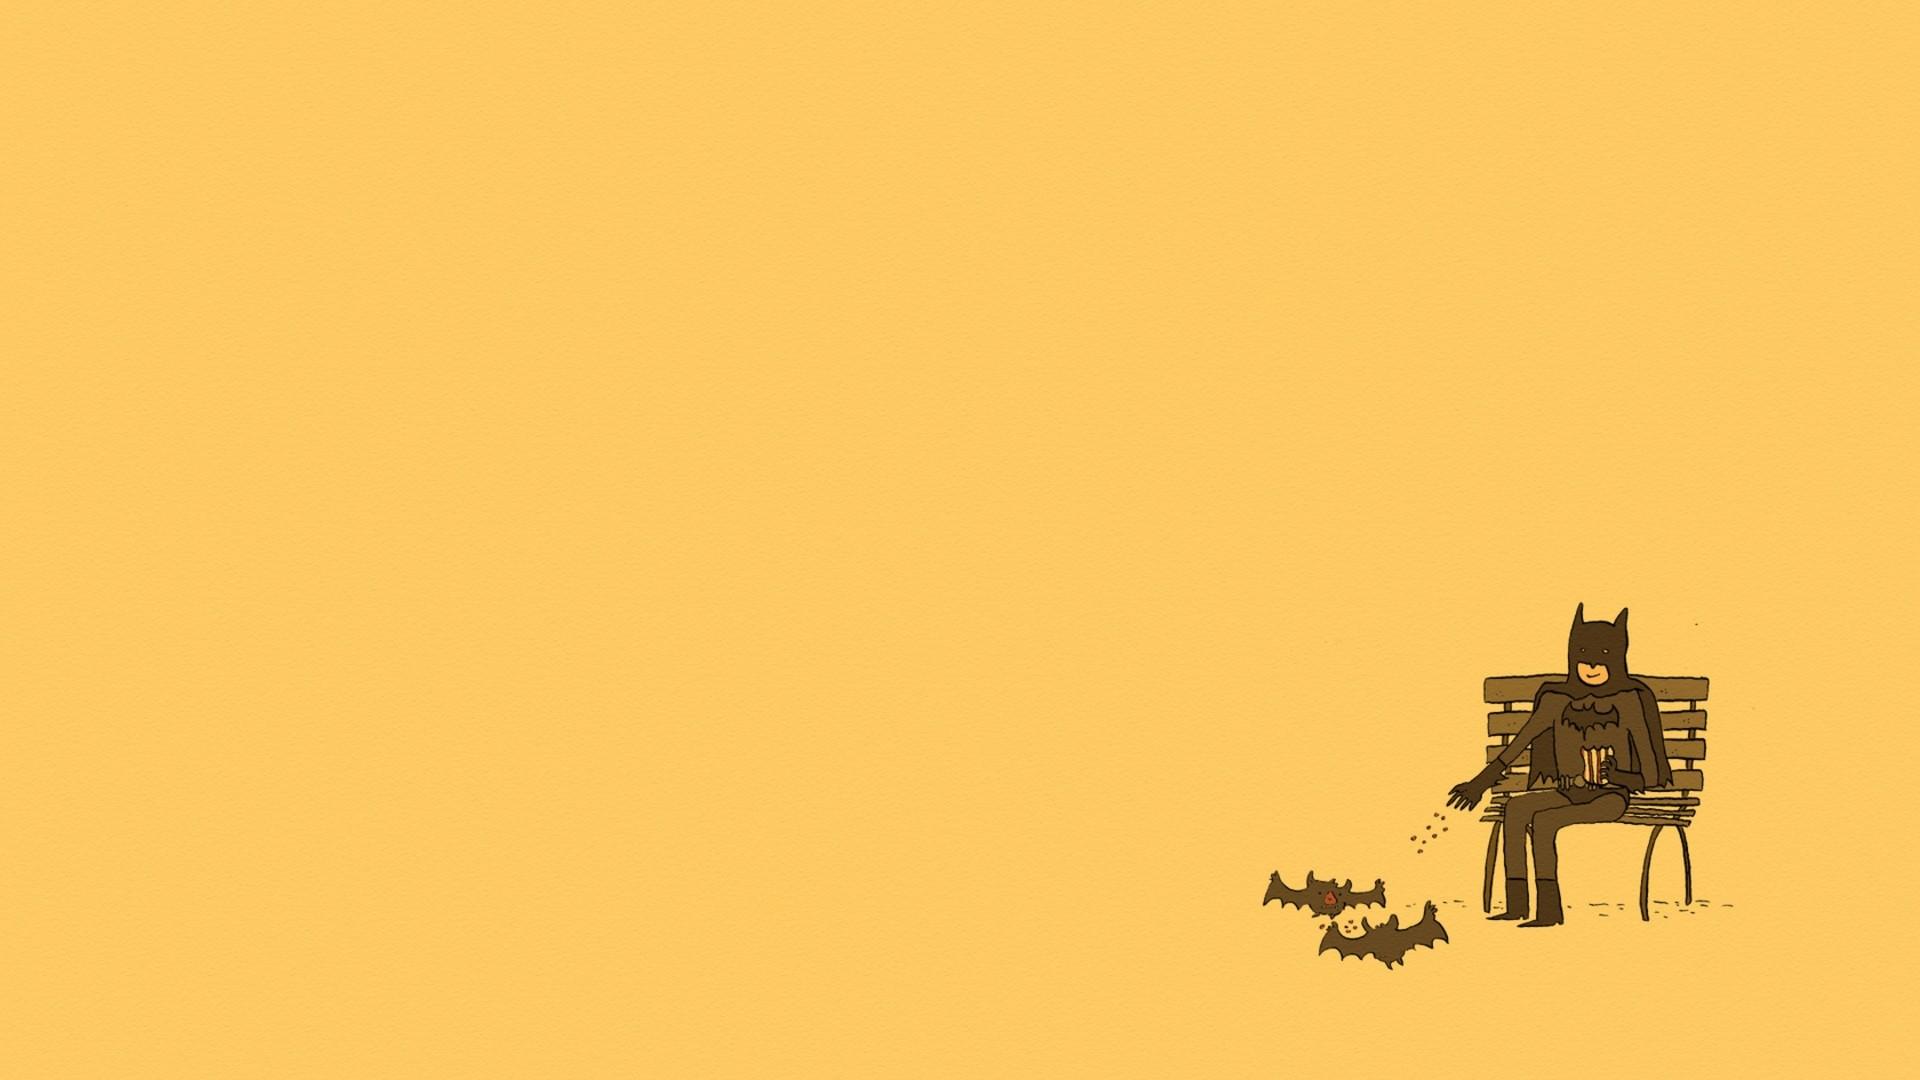 Wallpaper batman, minimalism, comics